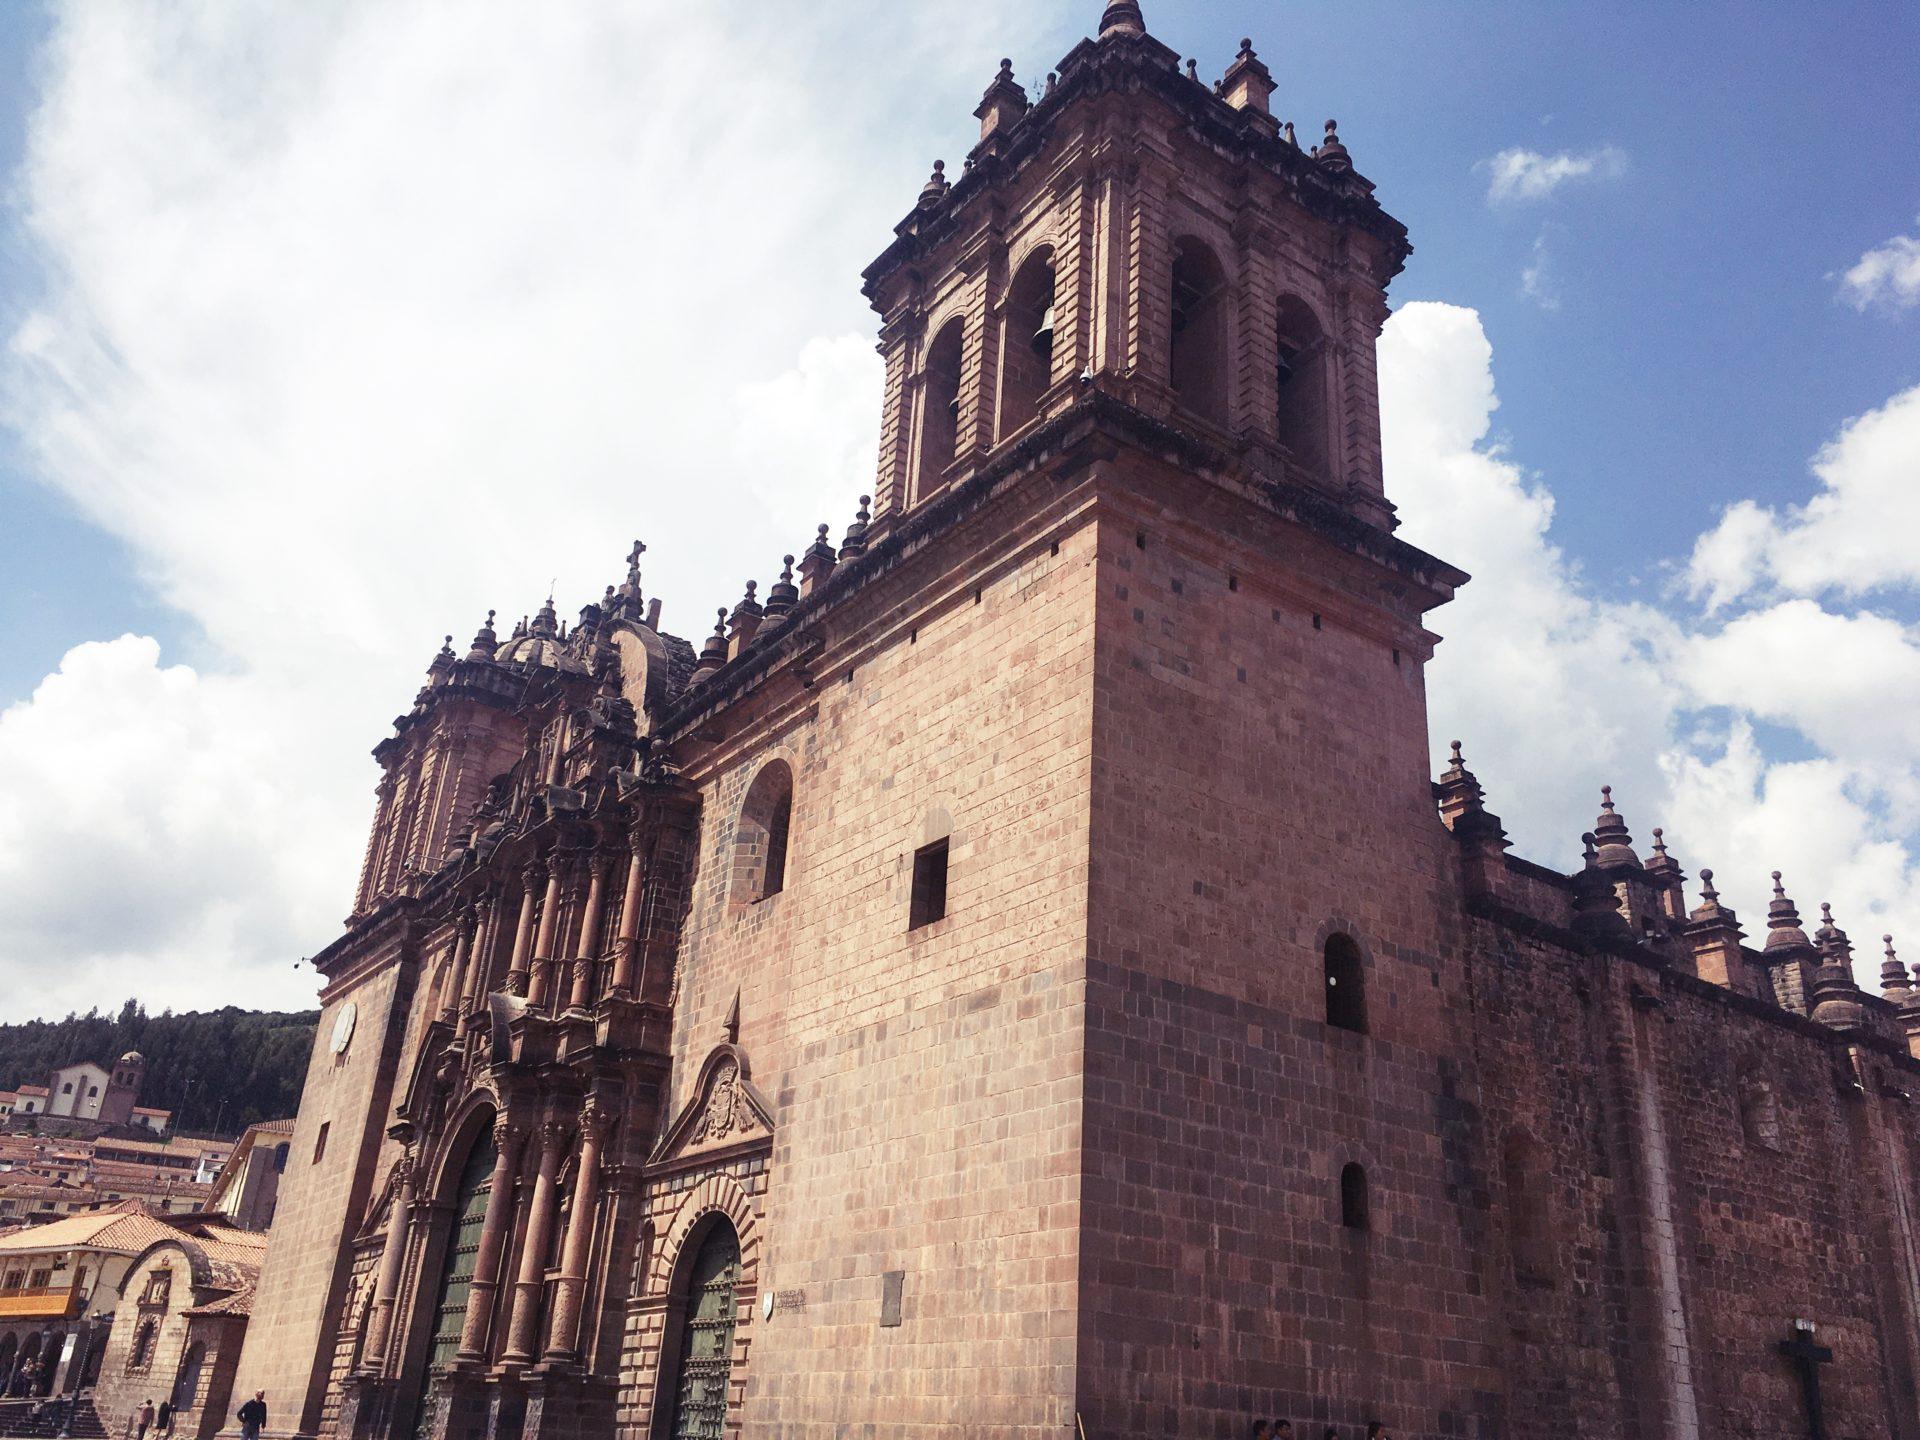 ペルー, クスコ, アルマス, 広場, Plaza, Armas, Cusco, Catedral, 大聖堂